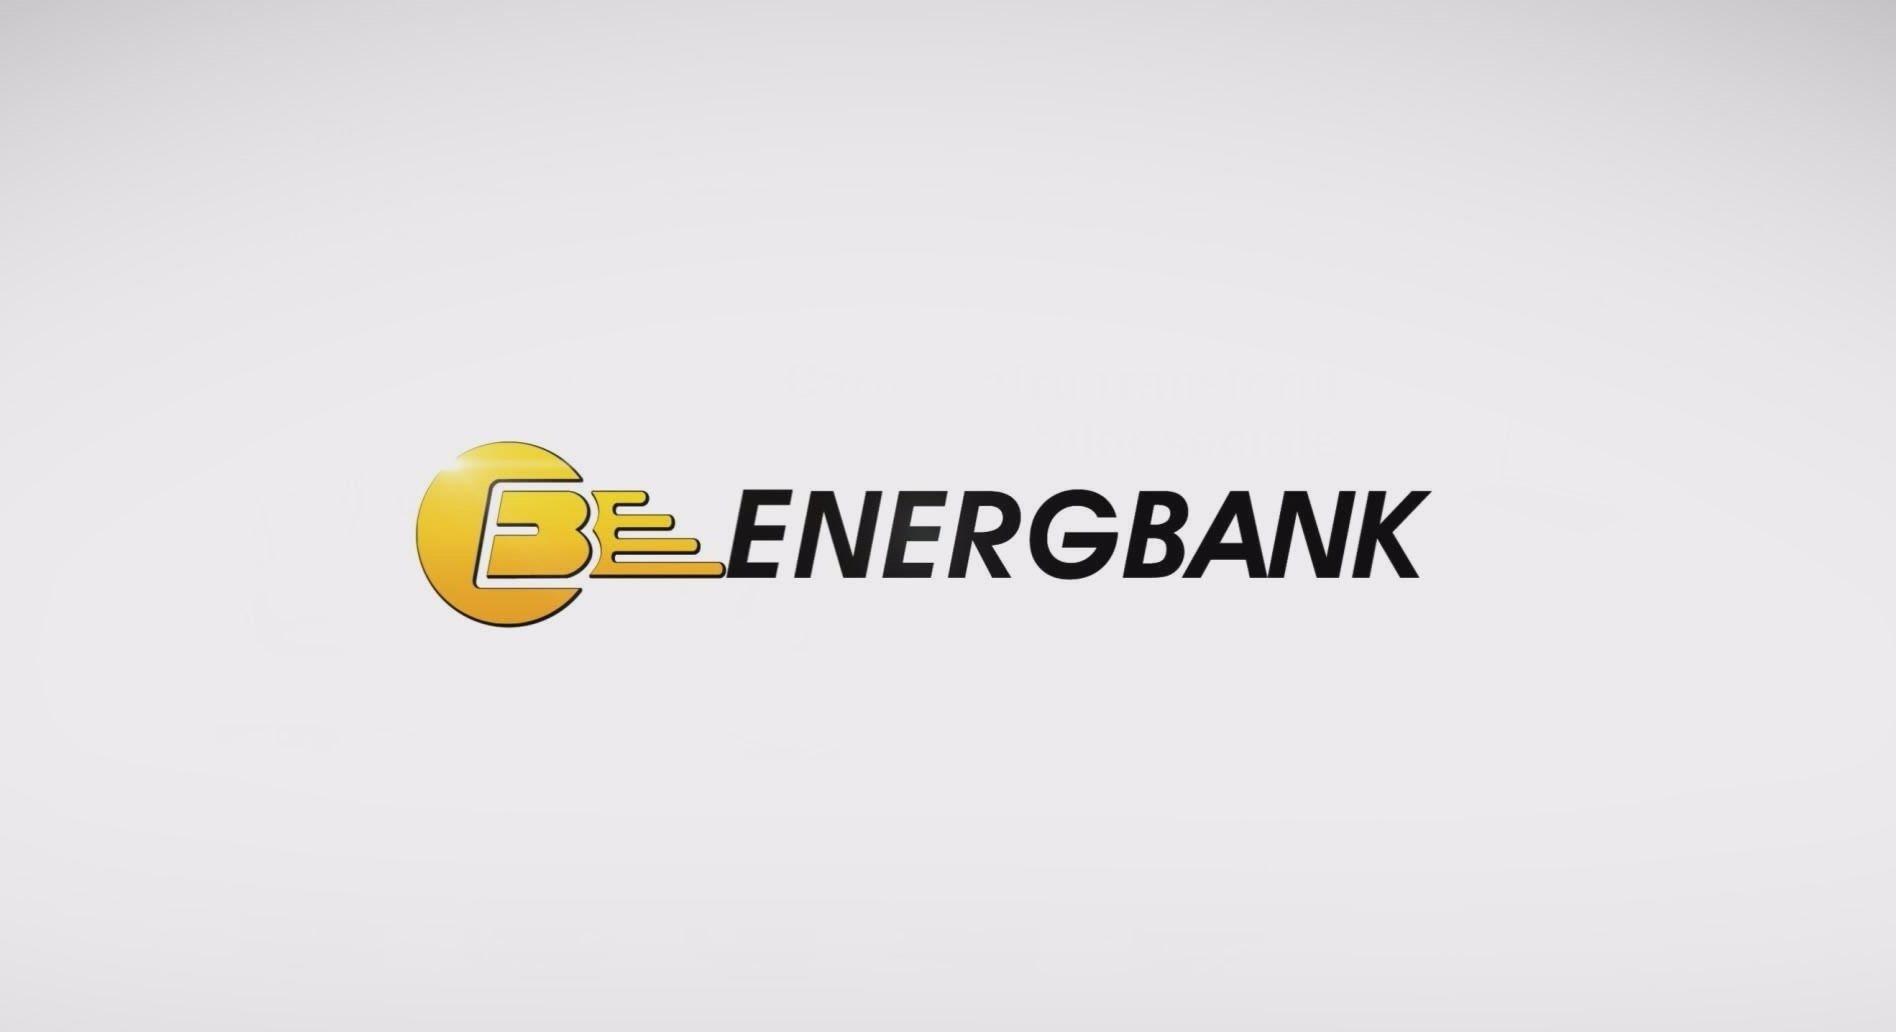 """Acțiuni """"Energbank"""", în valoare de peste 4 milioane de lei, au fost anulate și emise din nou"""